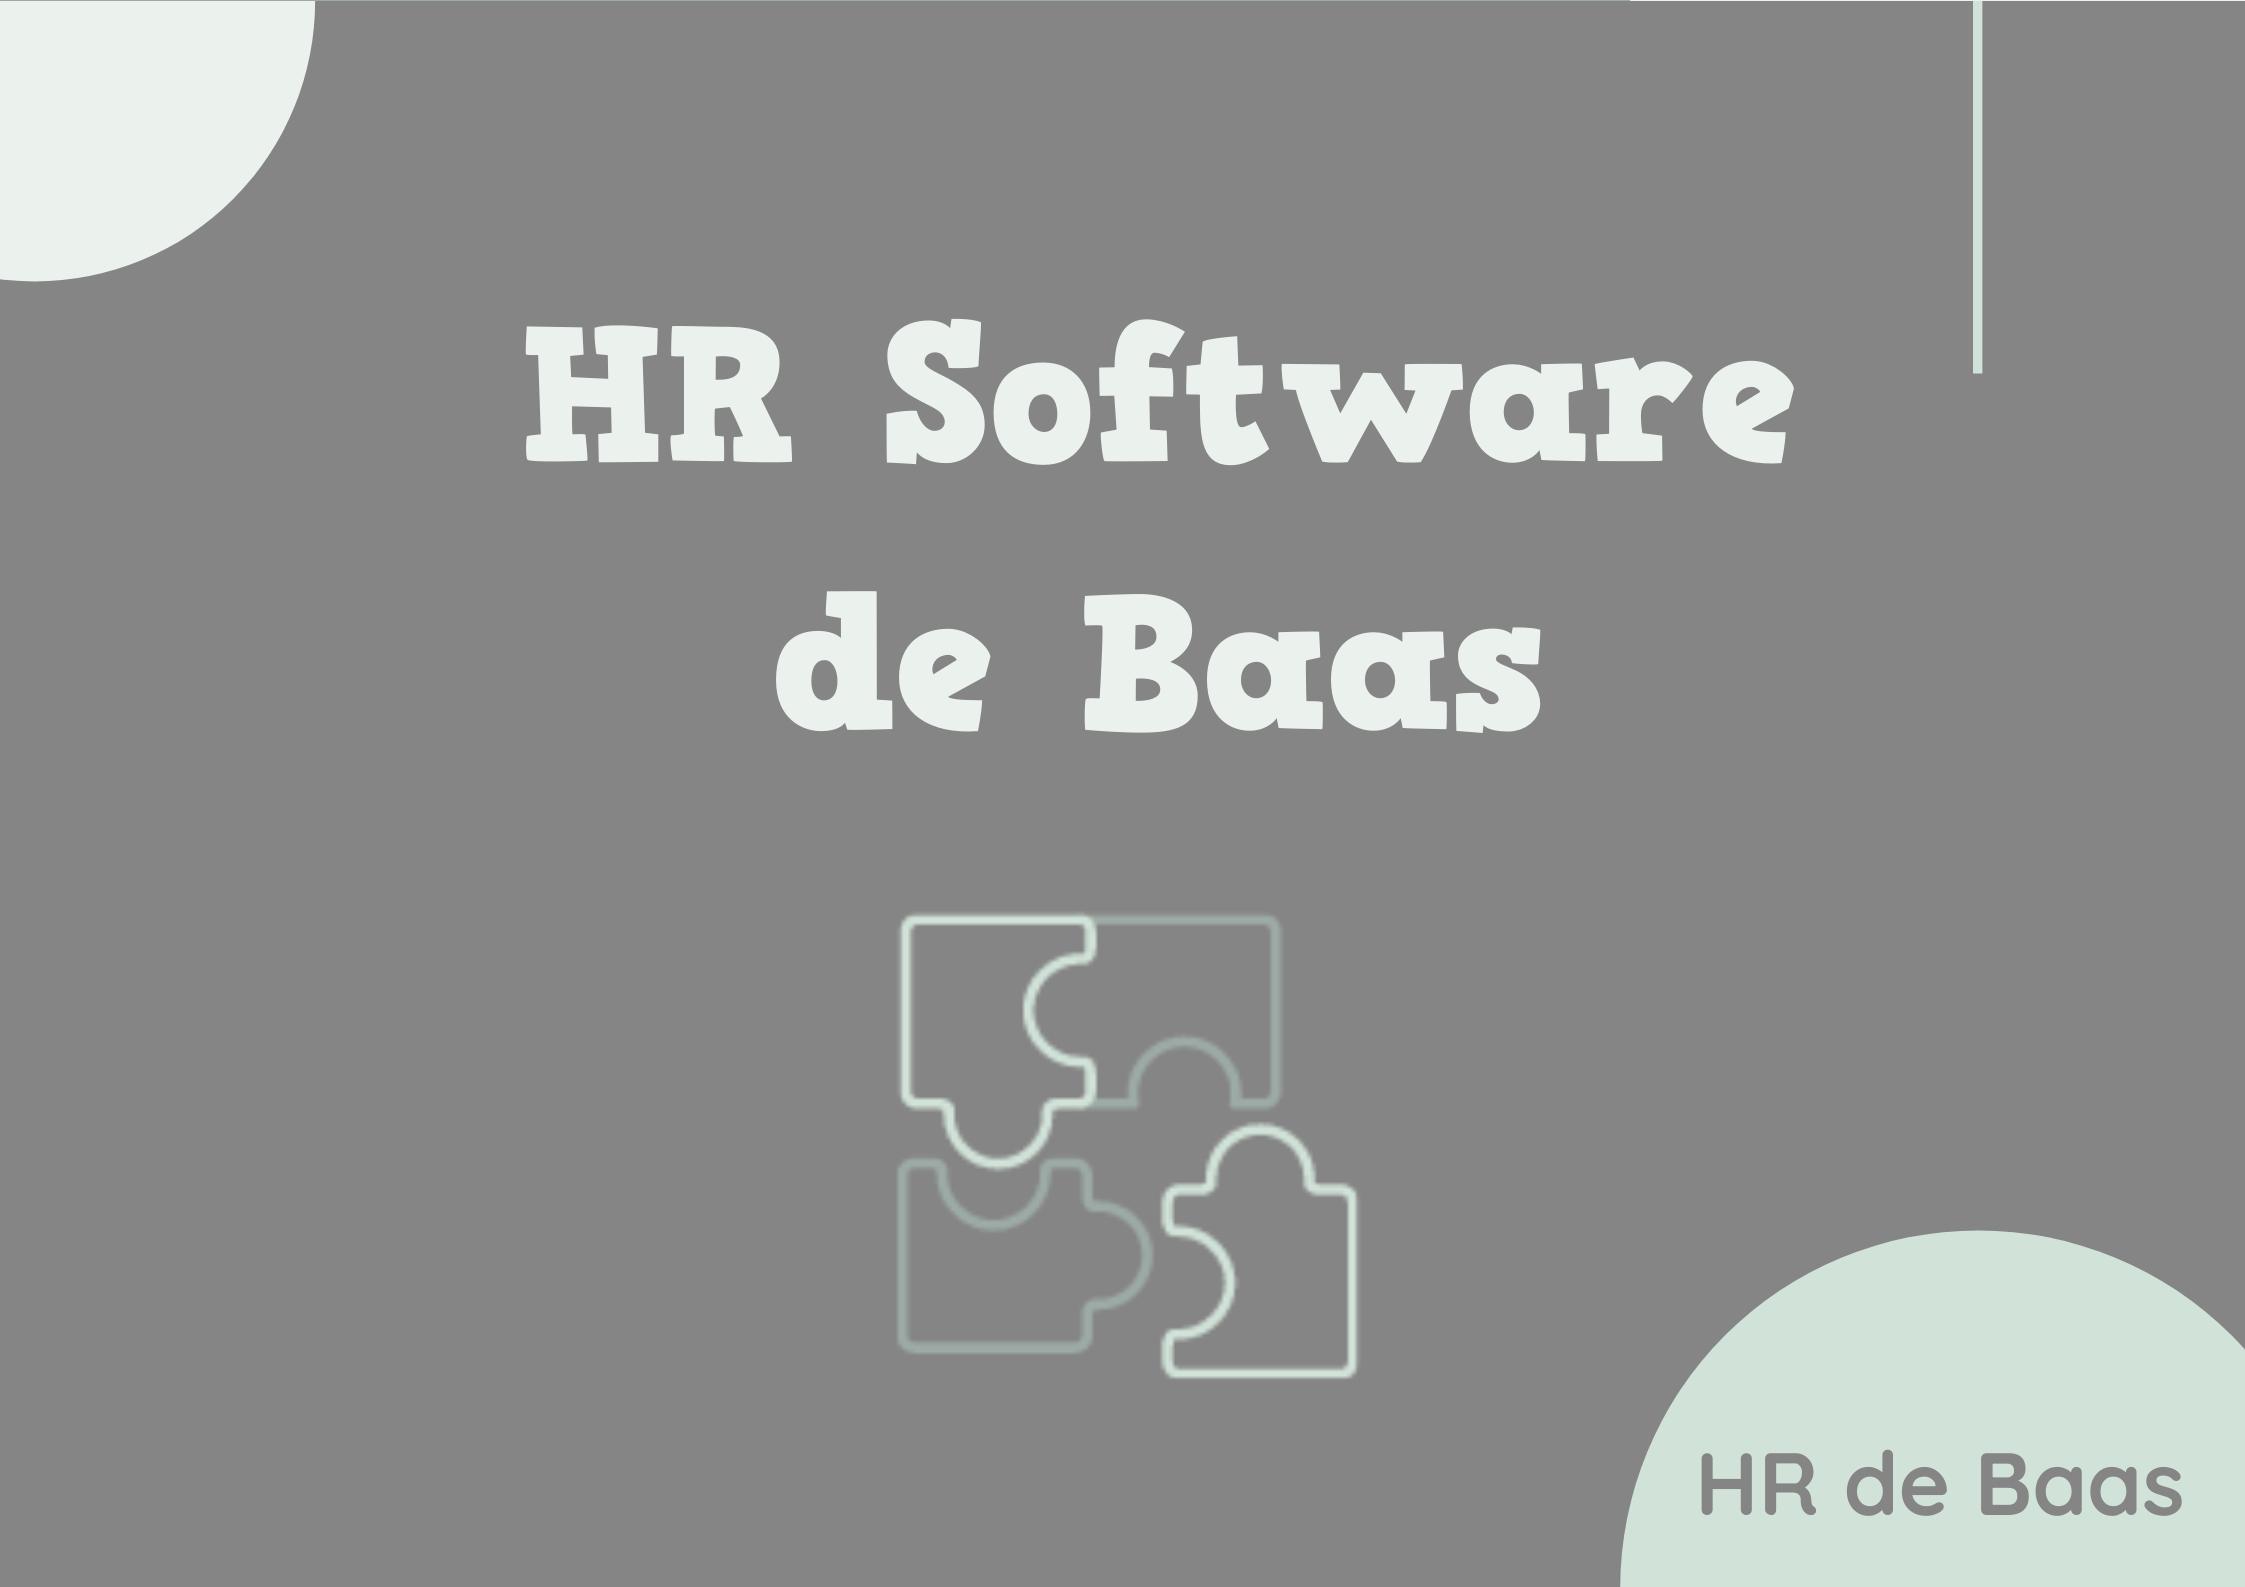 HR software speciaal voor kleine bedrijven